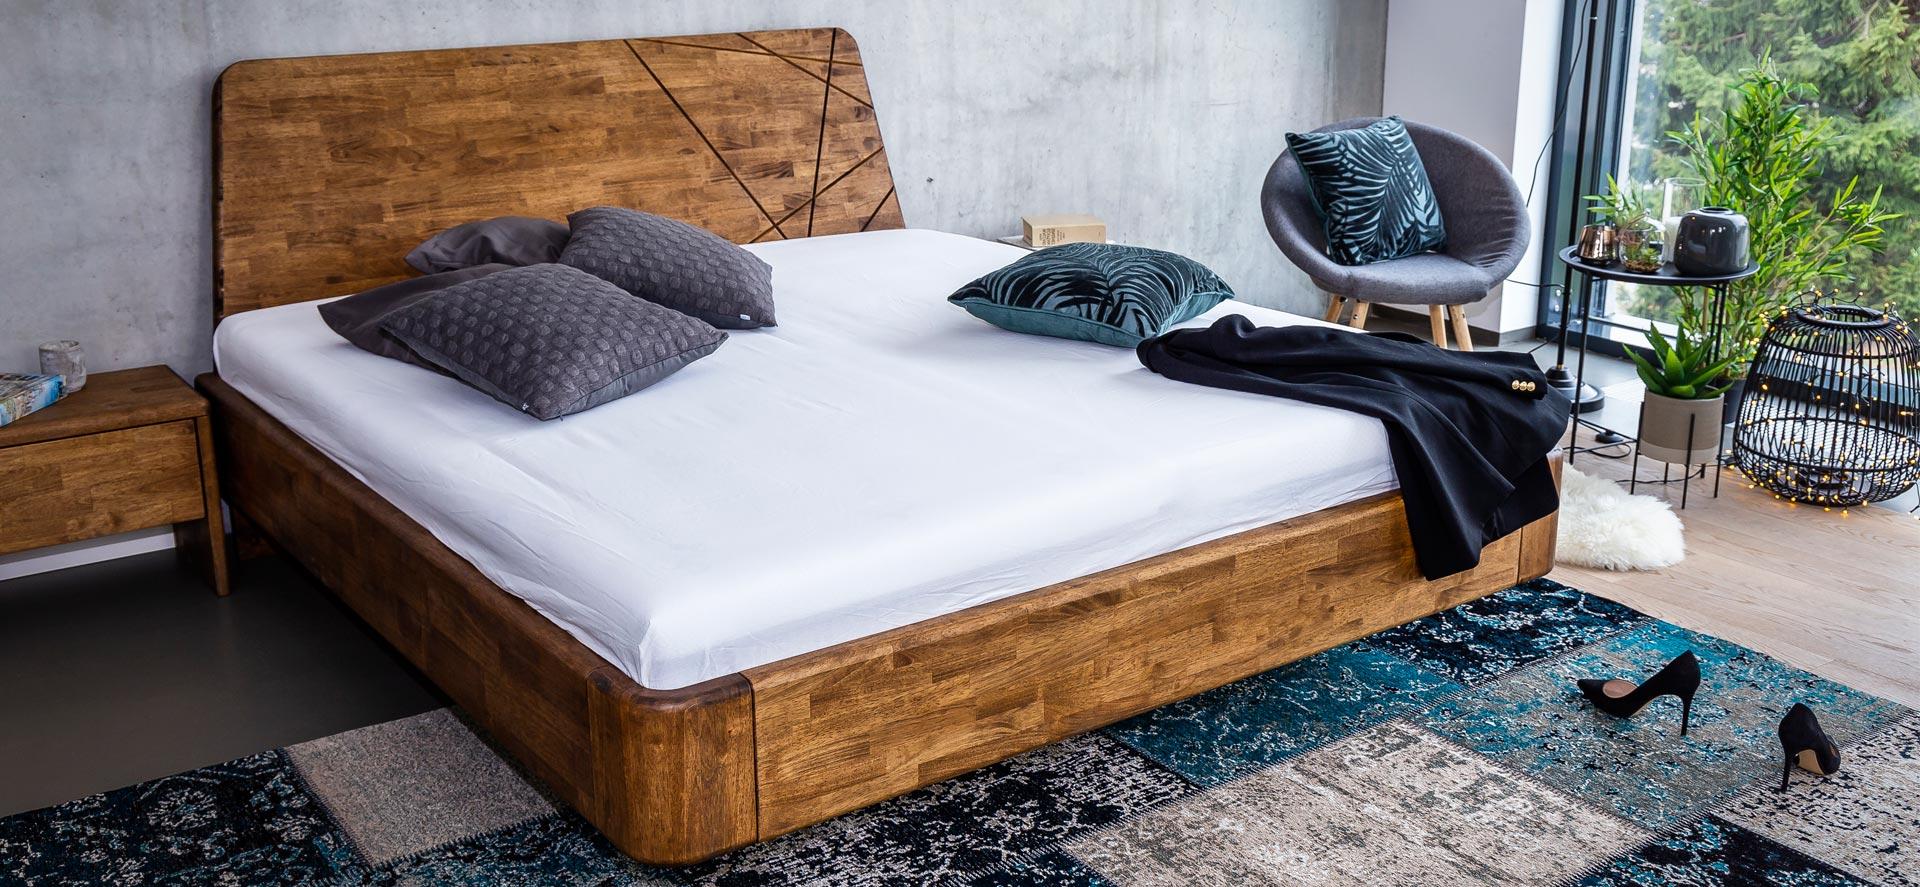 Postel z masivu NOE je vyrobena z exotické dřeviny zvané MALAJSKÝ DUB. Zaoblením všech hran a rohů jsme vám připravili model masivní postele, o kterou se nikdy nekopnete.